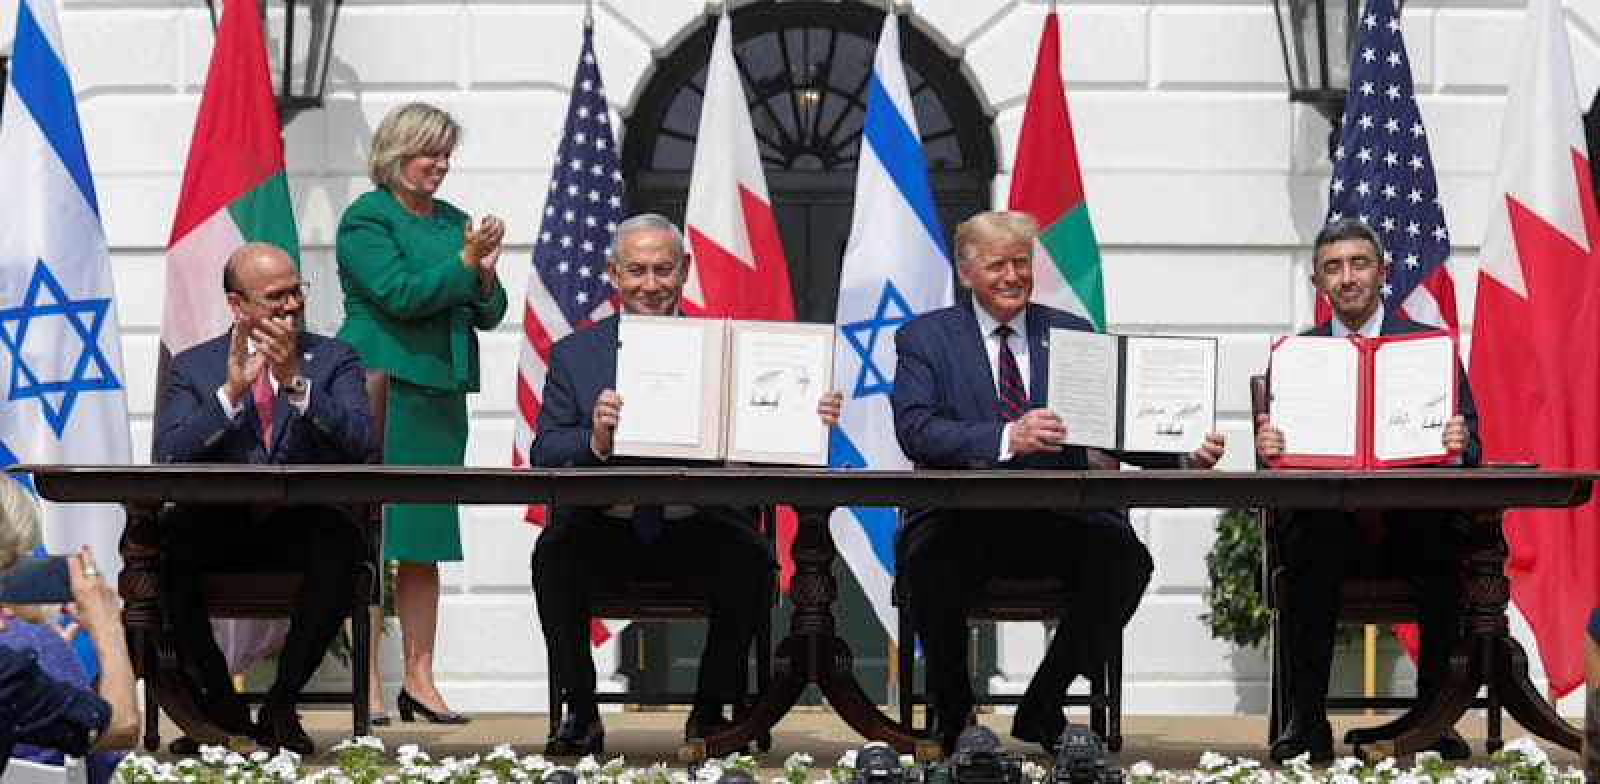 חתימת הסכמי אברהם עם איחוד האמירויות / צילום: Reuters, תום ברנר